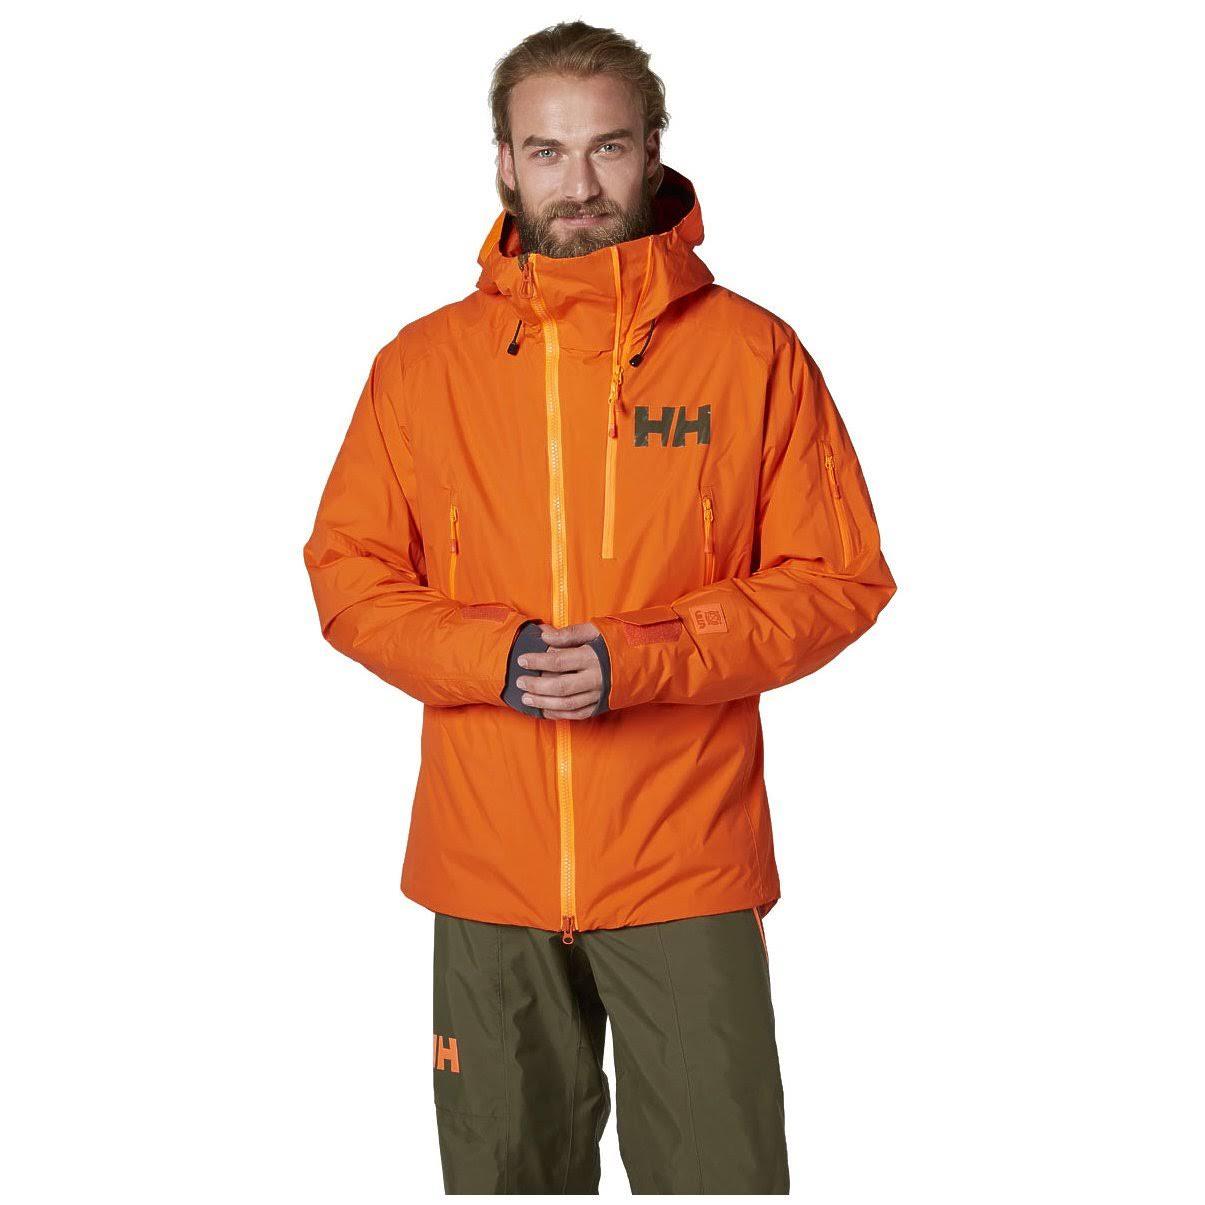 Chaqueta Esquí Flame Xxl 2xl 37 Helly Para Hansen Tamaño De Hombre Backbowl 7rwq5A7